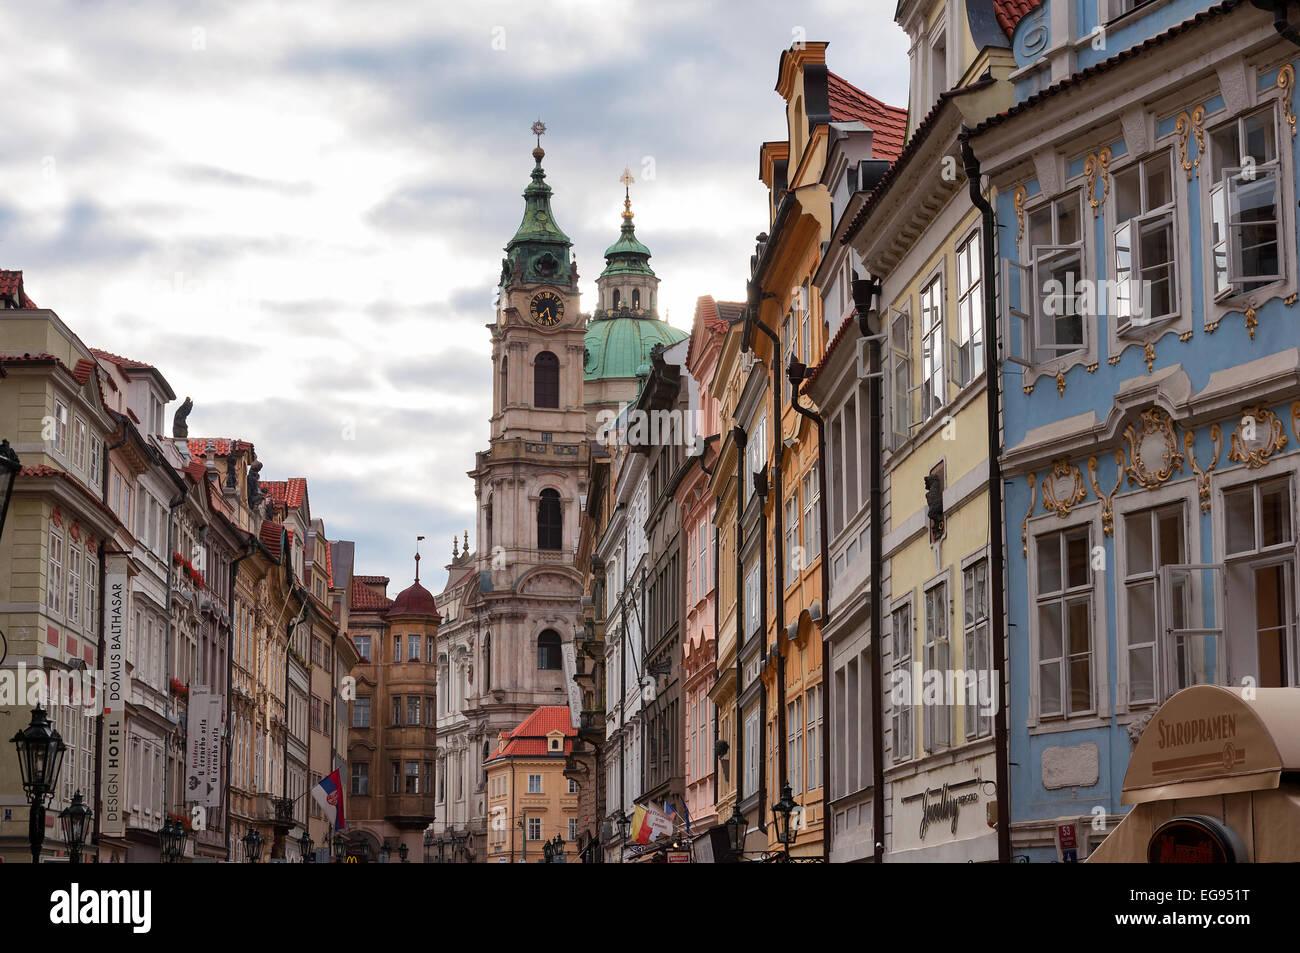 agama cz czech streets